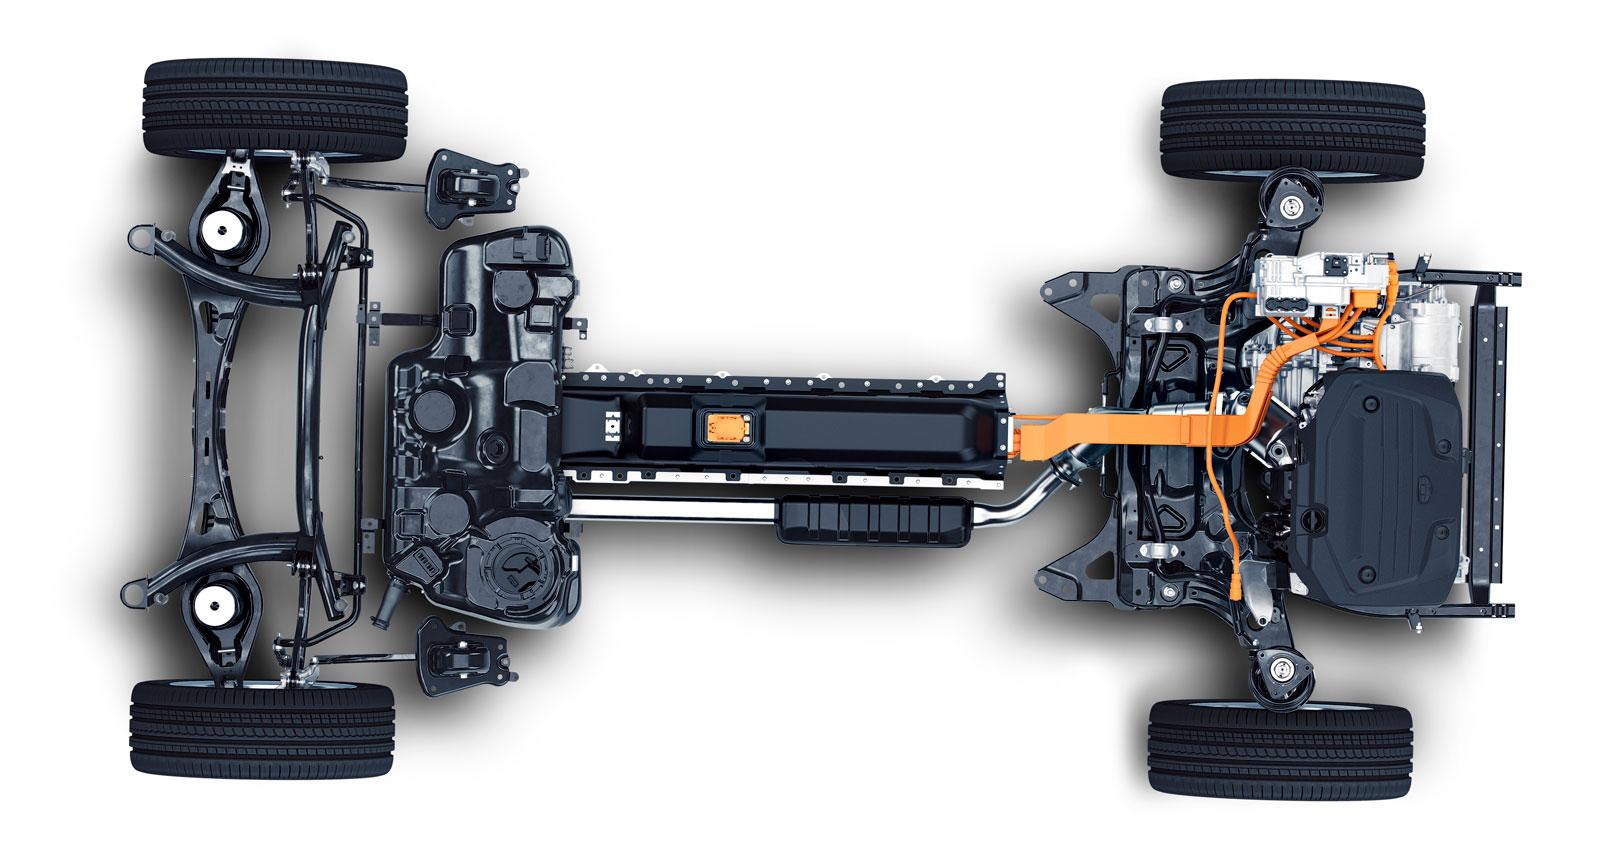 Så här ser en Volvo XC40 ut utan kaross. CMA-plattformen, som är förberedd för eldrift, är framtagen av CEVT. (Foto: CEVT).